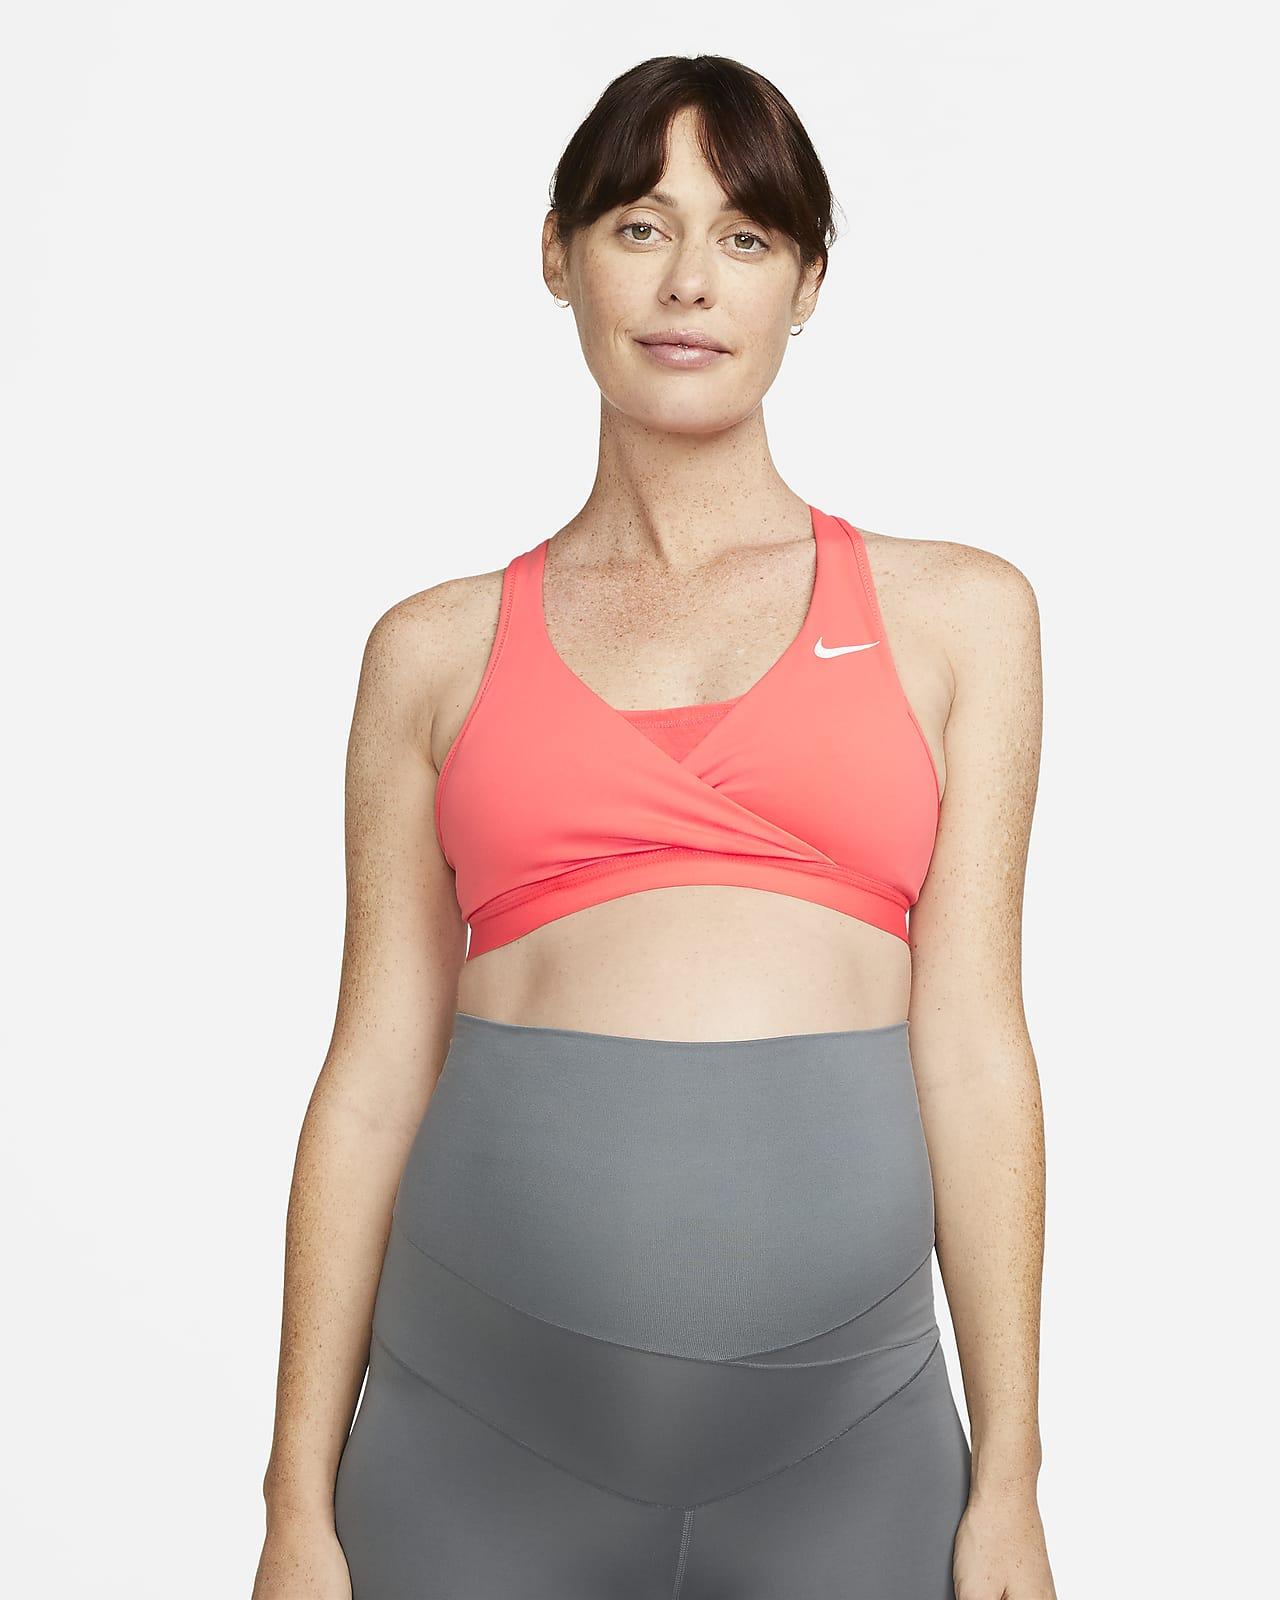 Bra deportivo con almohadillas de media sujeción para mujer Nike (M) Swoosh (maternidad)